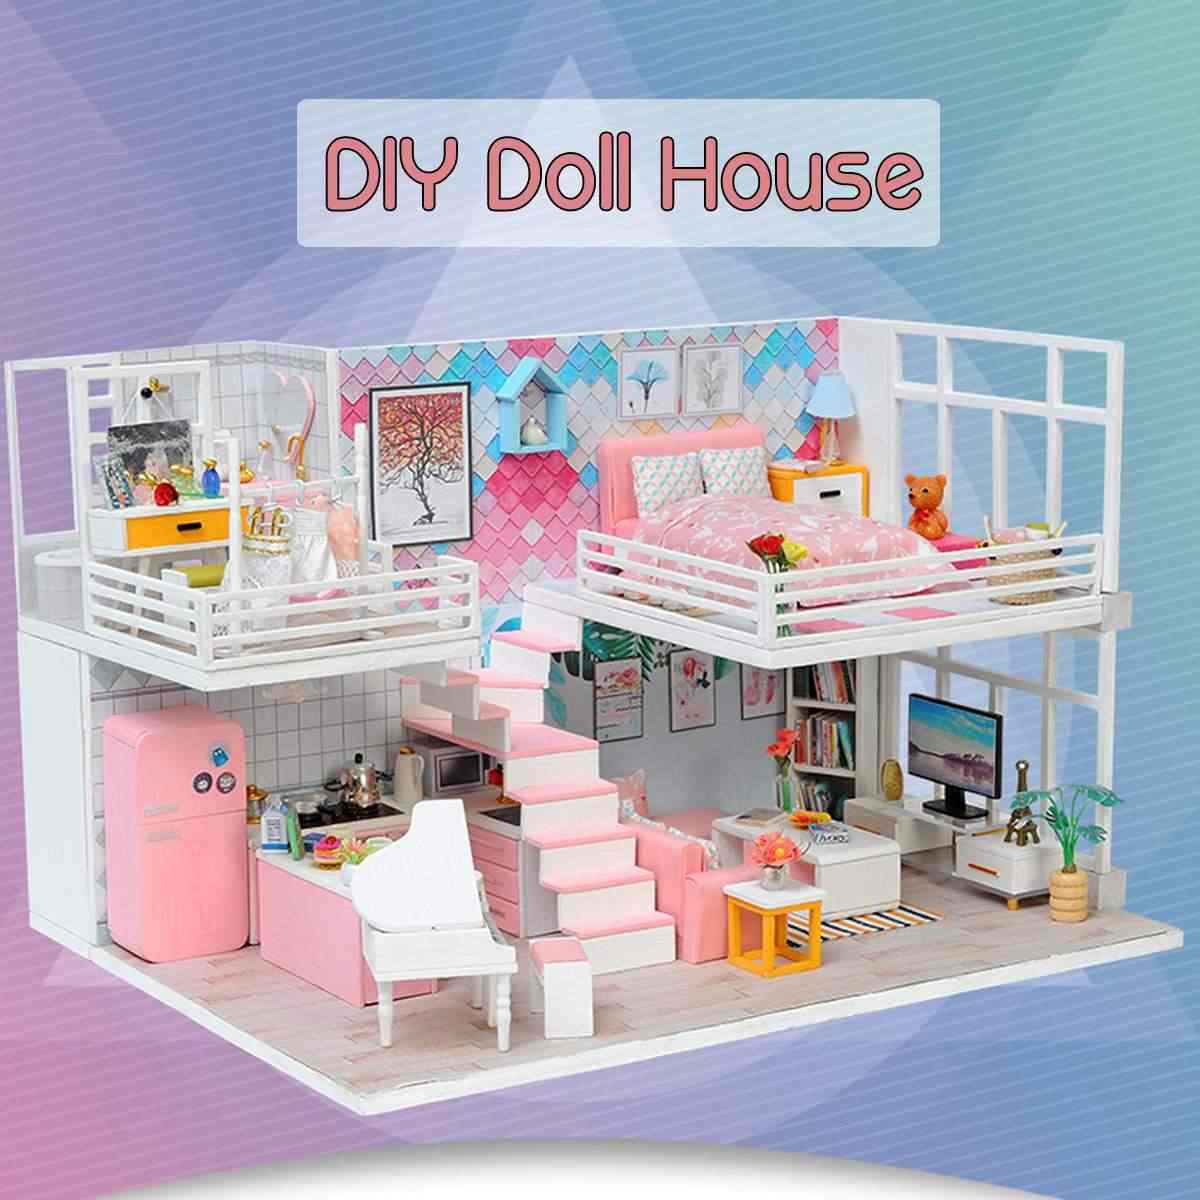 Wooden LED Lighting DIY Doll House Furniture Kit 3D Miniature Dollhouse Handmade Toys for Children Birthday Gift for Girl